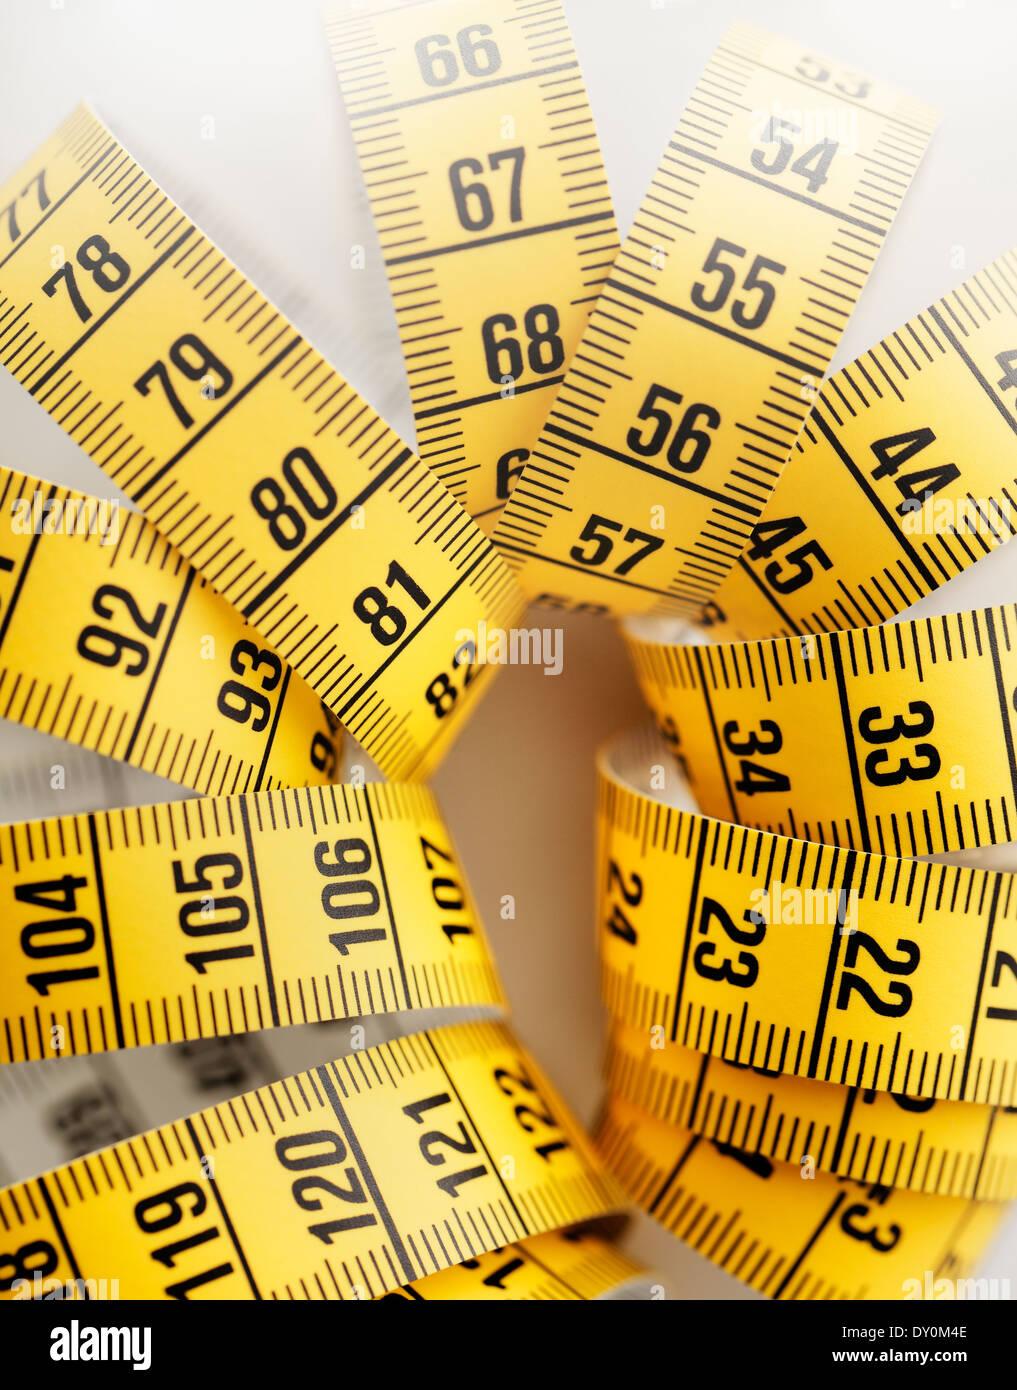 Medir la cinta métrica de color amarillo. Poca profundidad de campo. Imagen De Stock